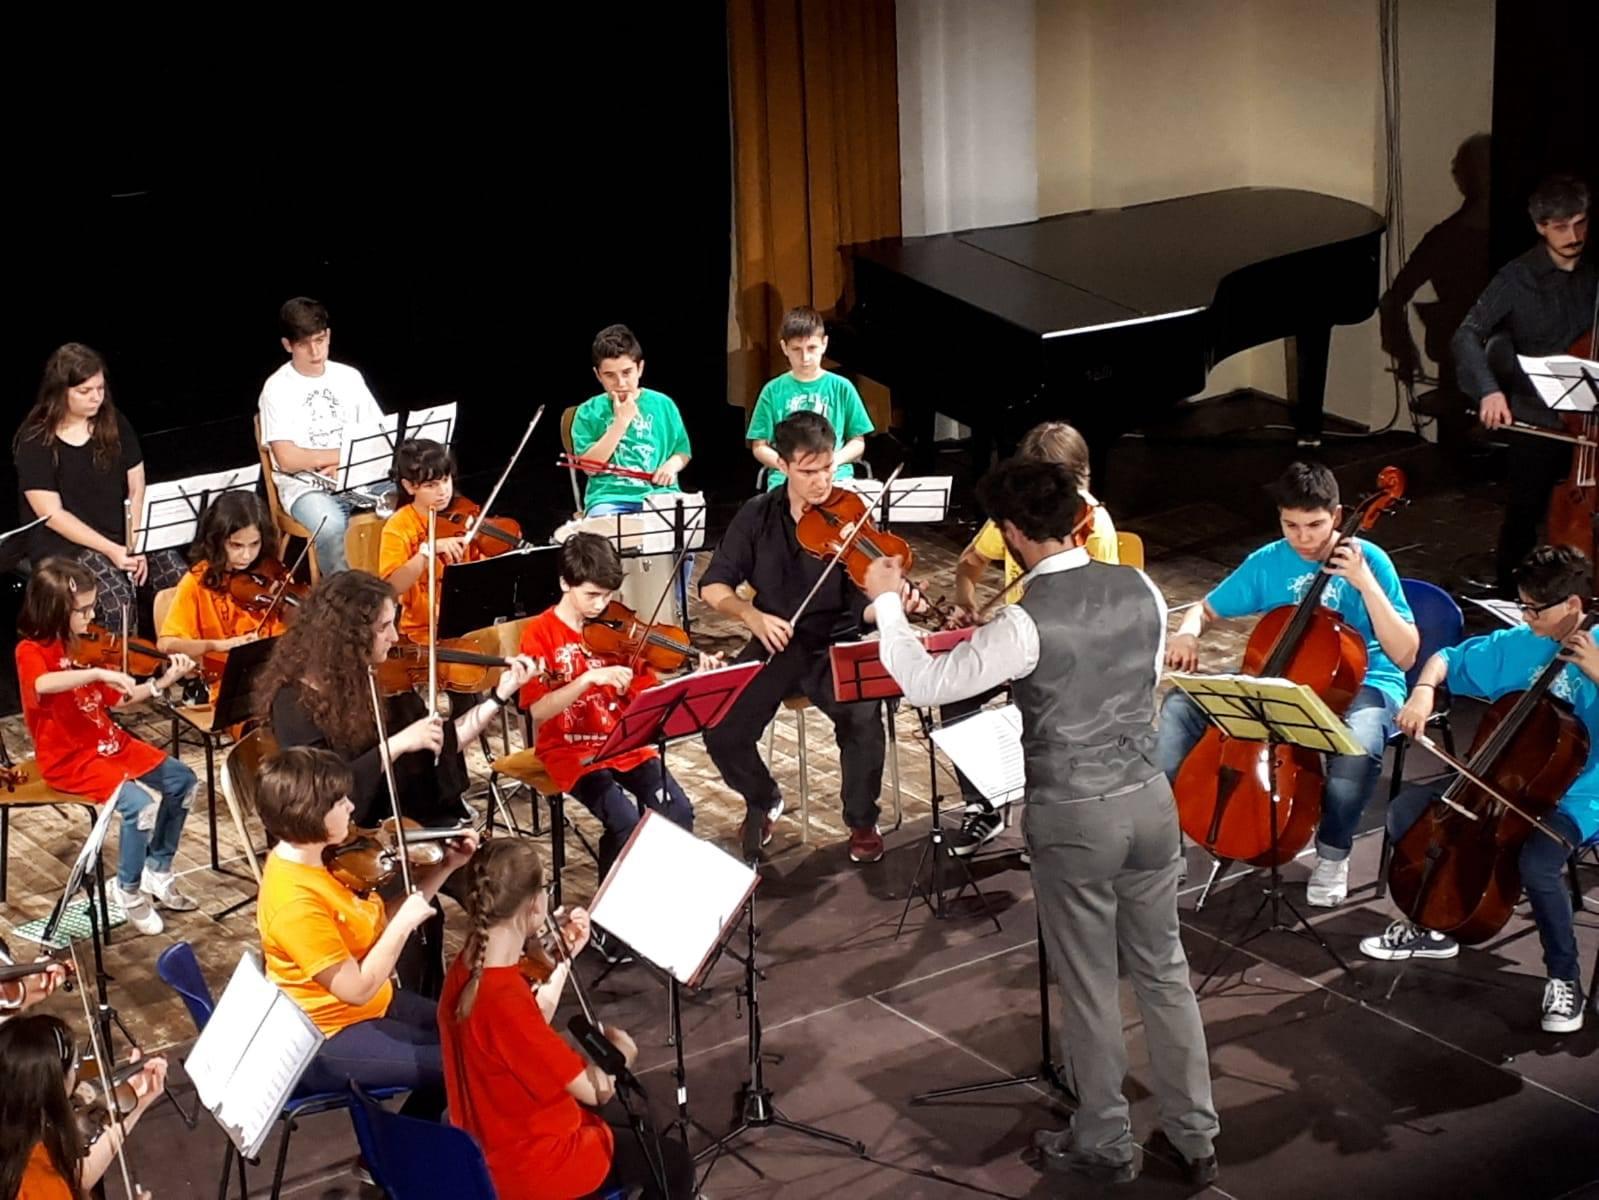 Macerata, la musica e il valore educativo di suonare insieme